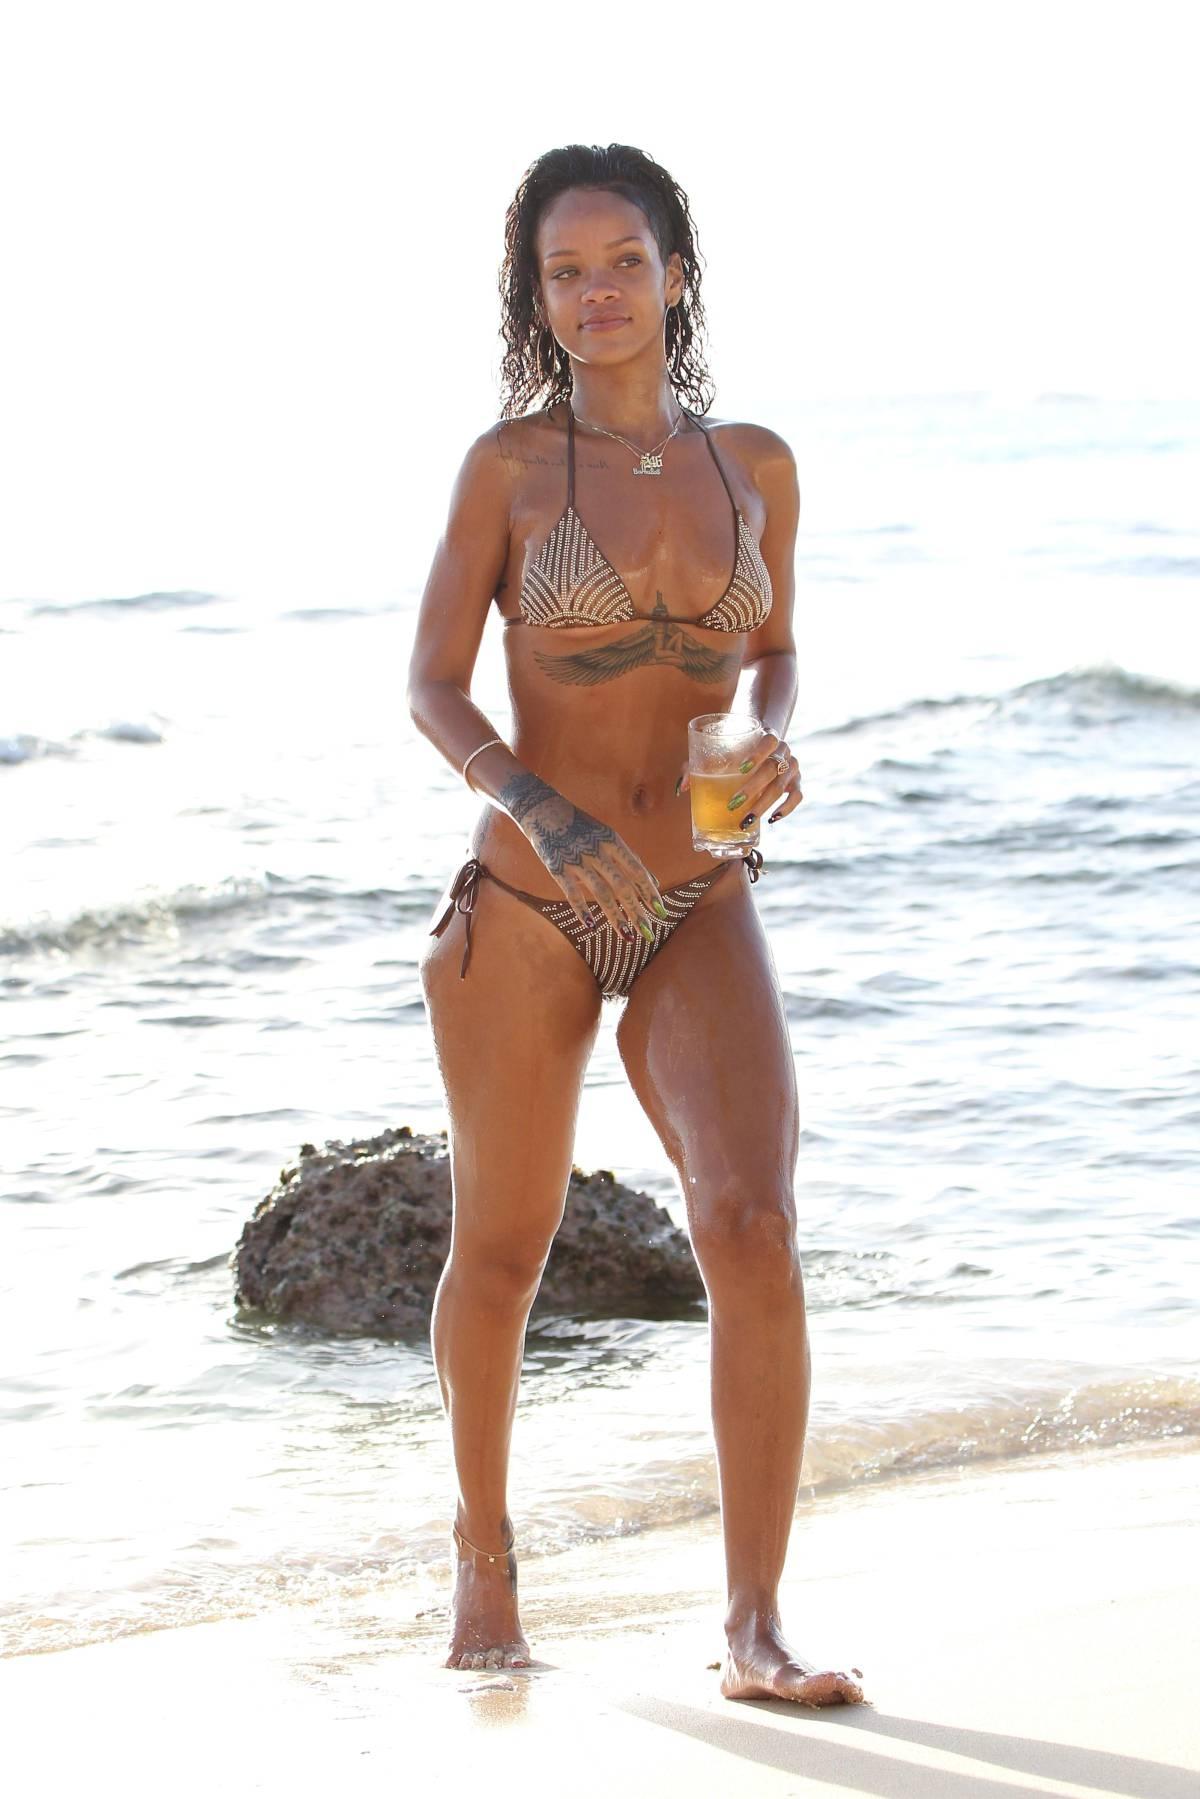 351990759_Rihanna_Bikini_291213_ReSiDuO25_123_588lo.jpg